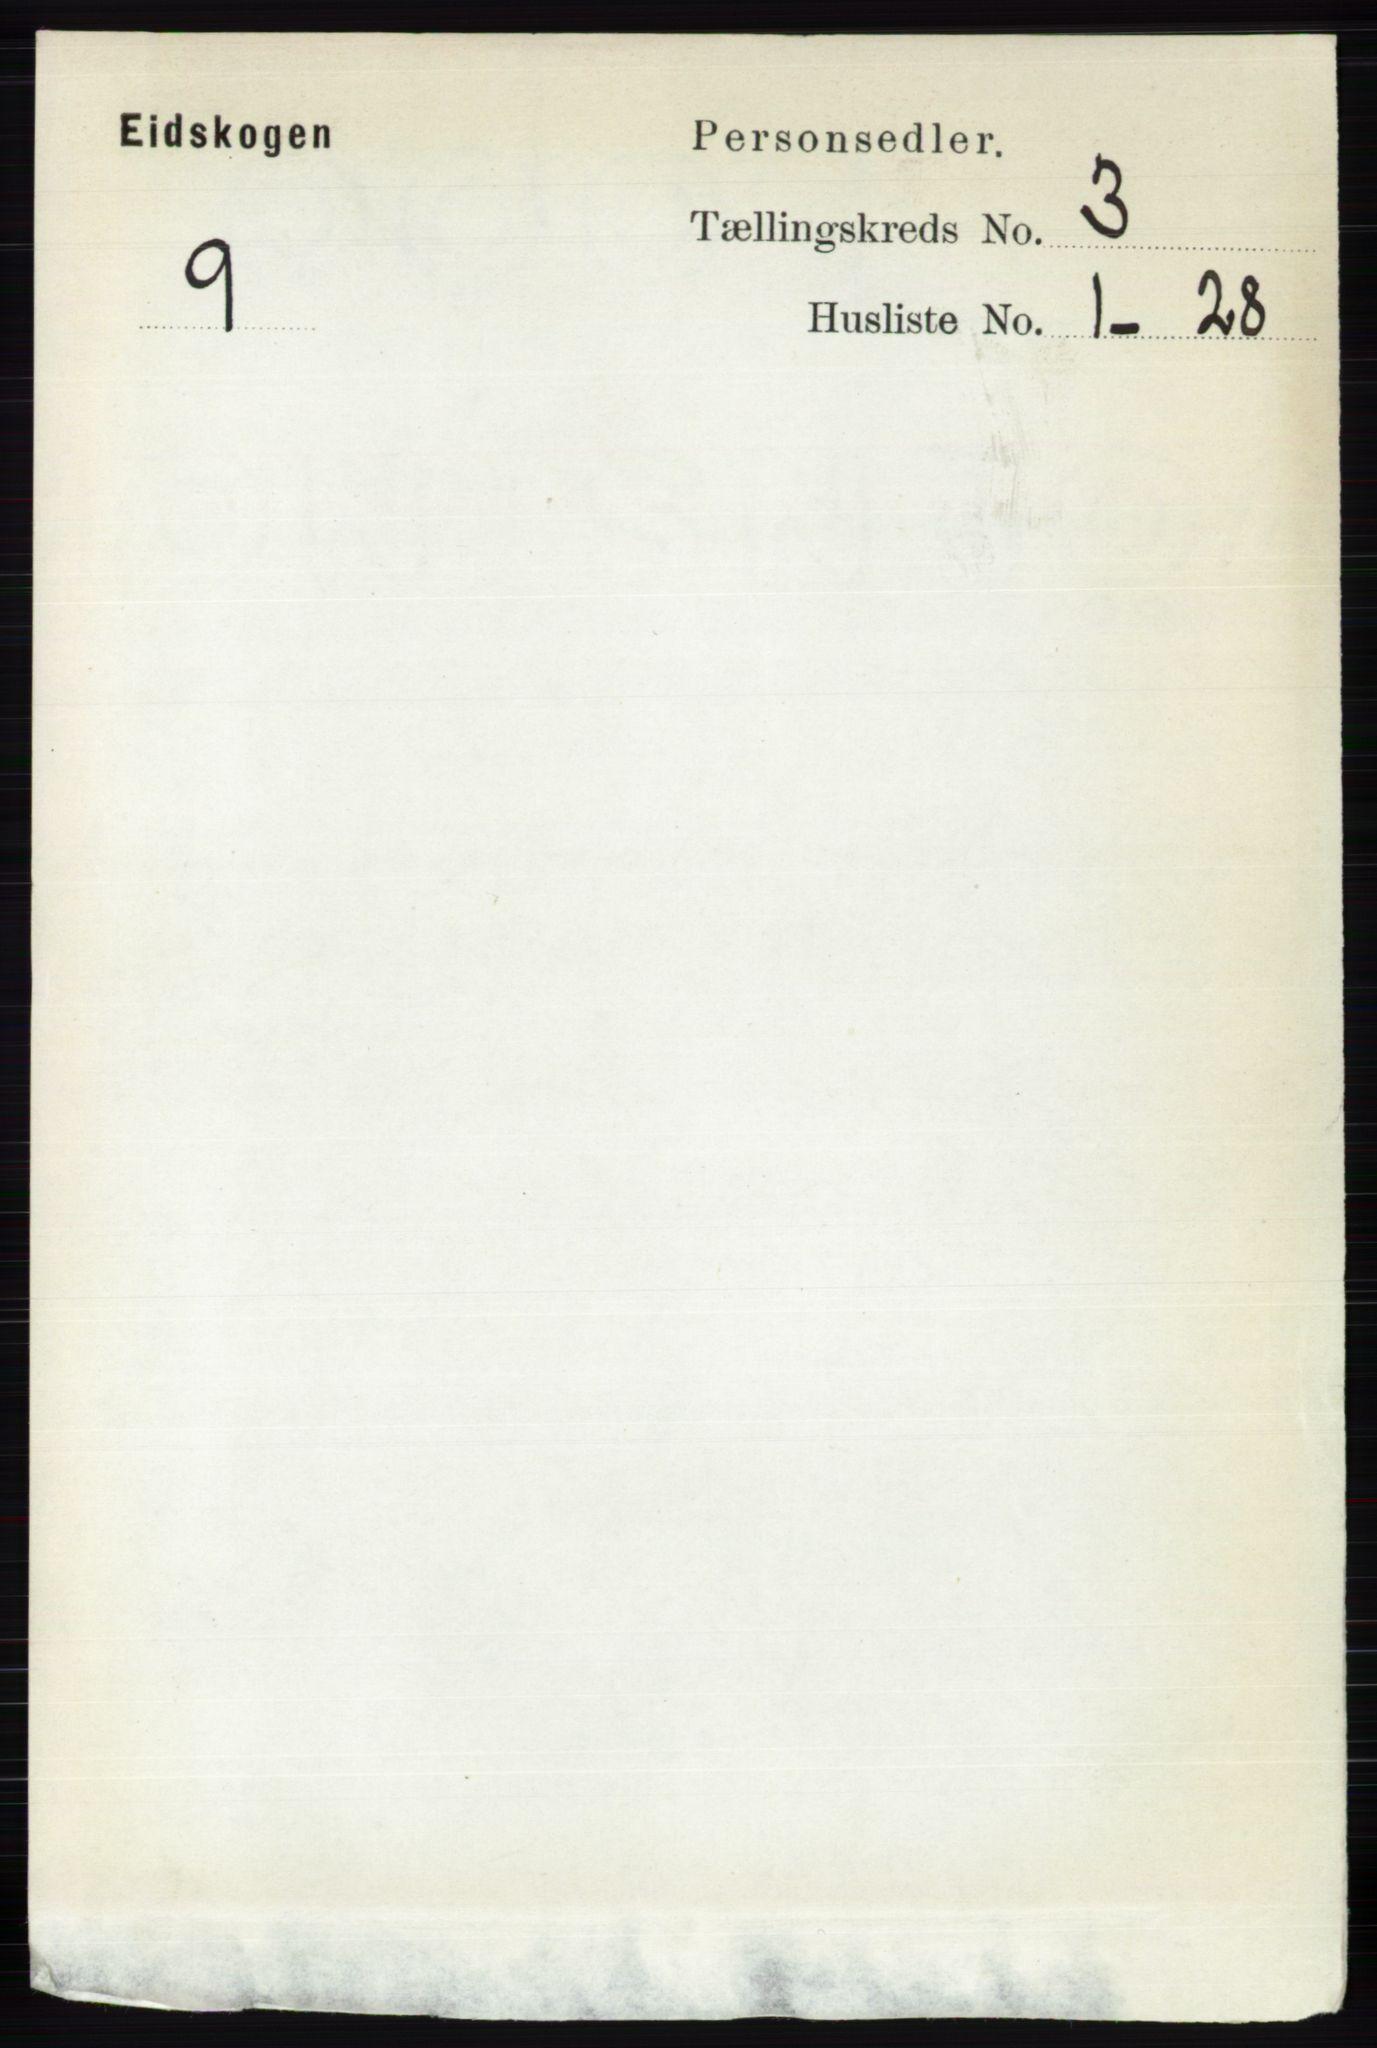 RA, Folketelling 1891 for 0420 Eidskog herred, 1891, s. 1070